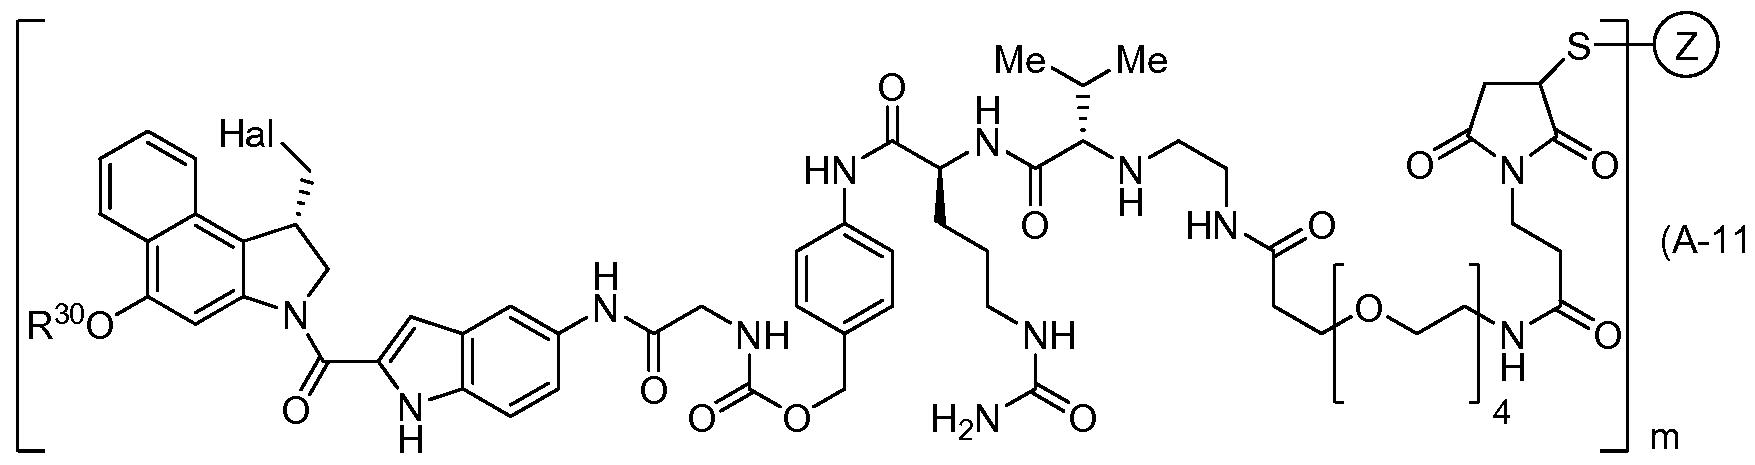 Figure imgf000071_0003